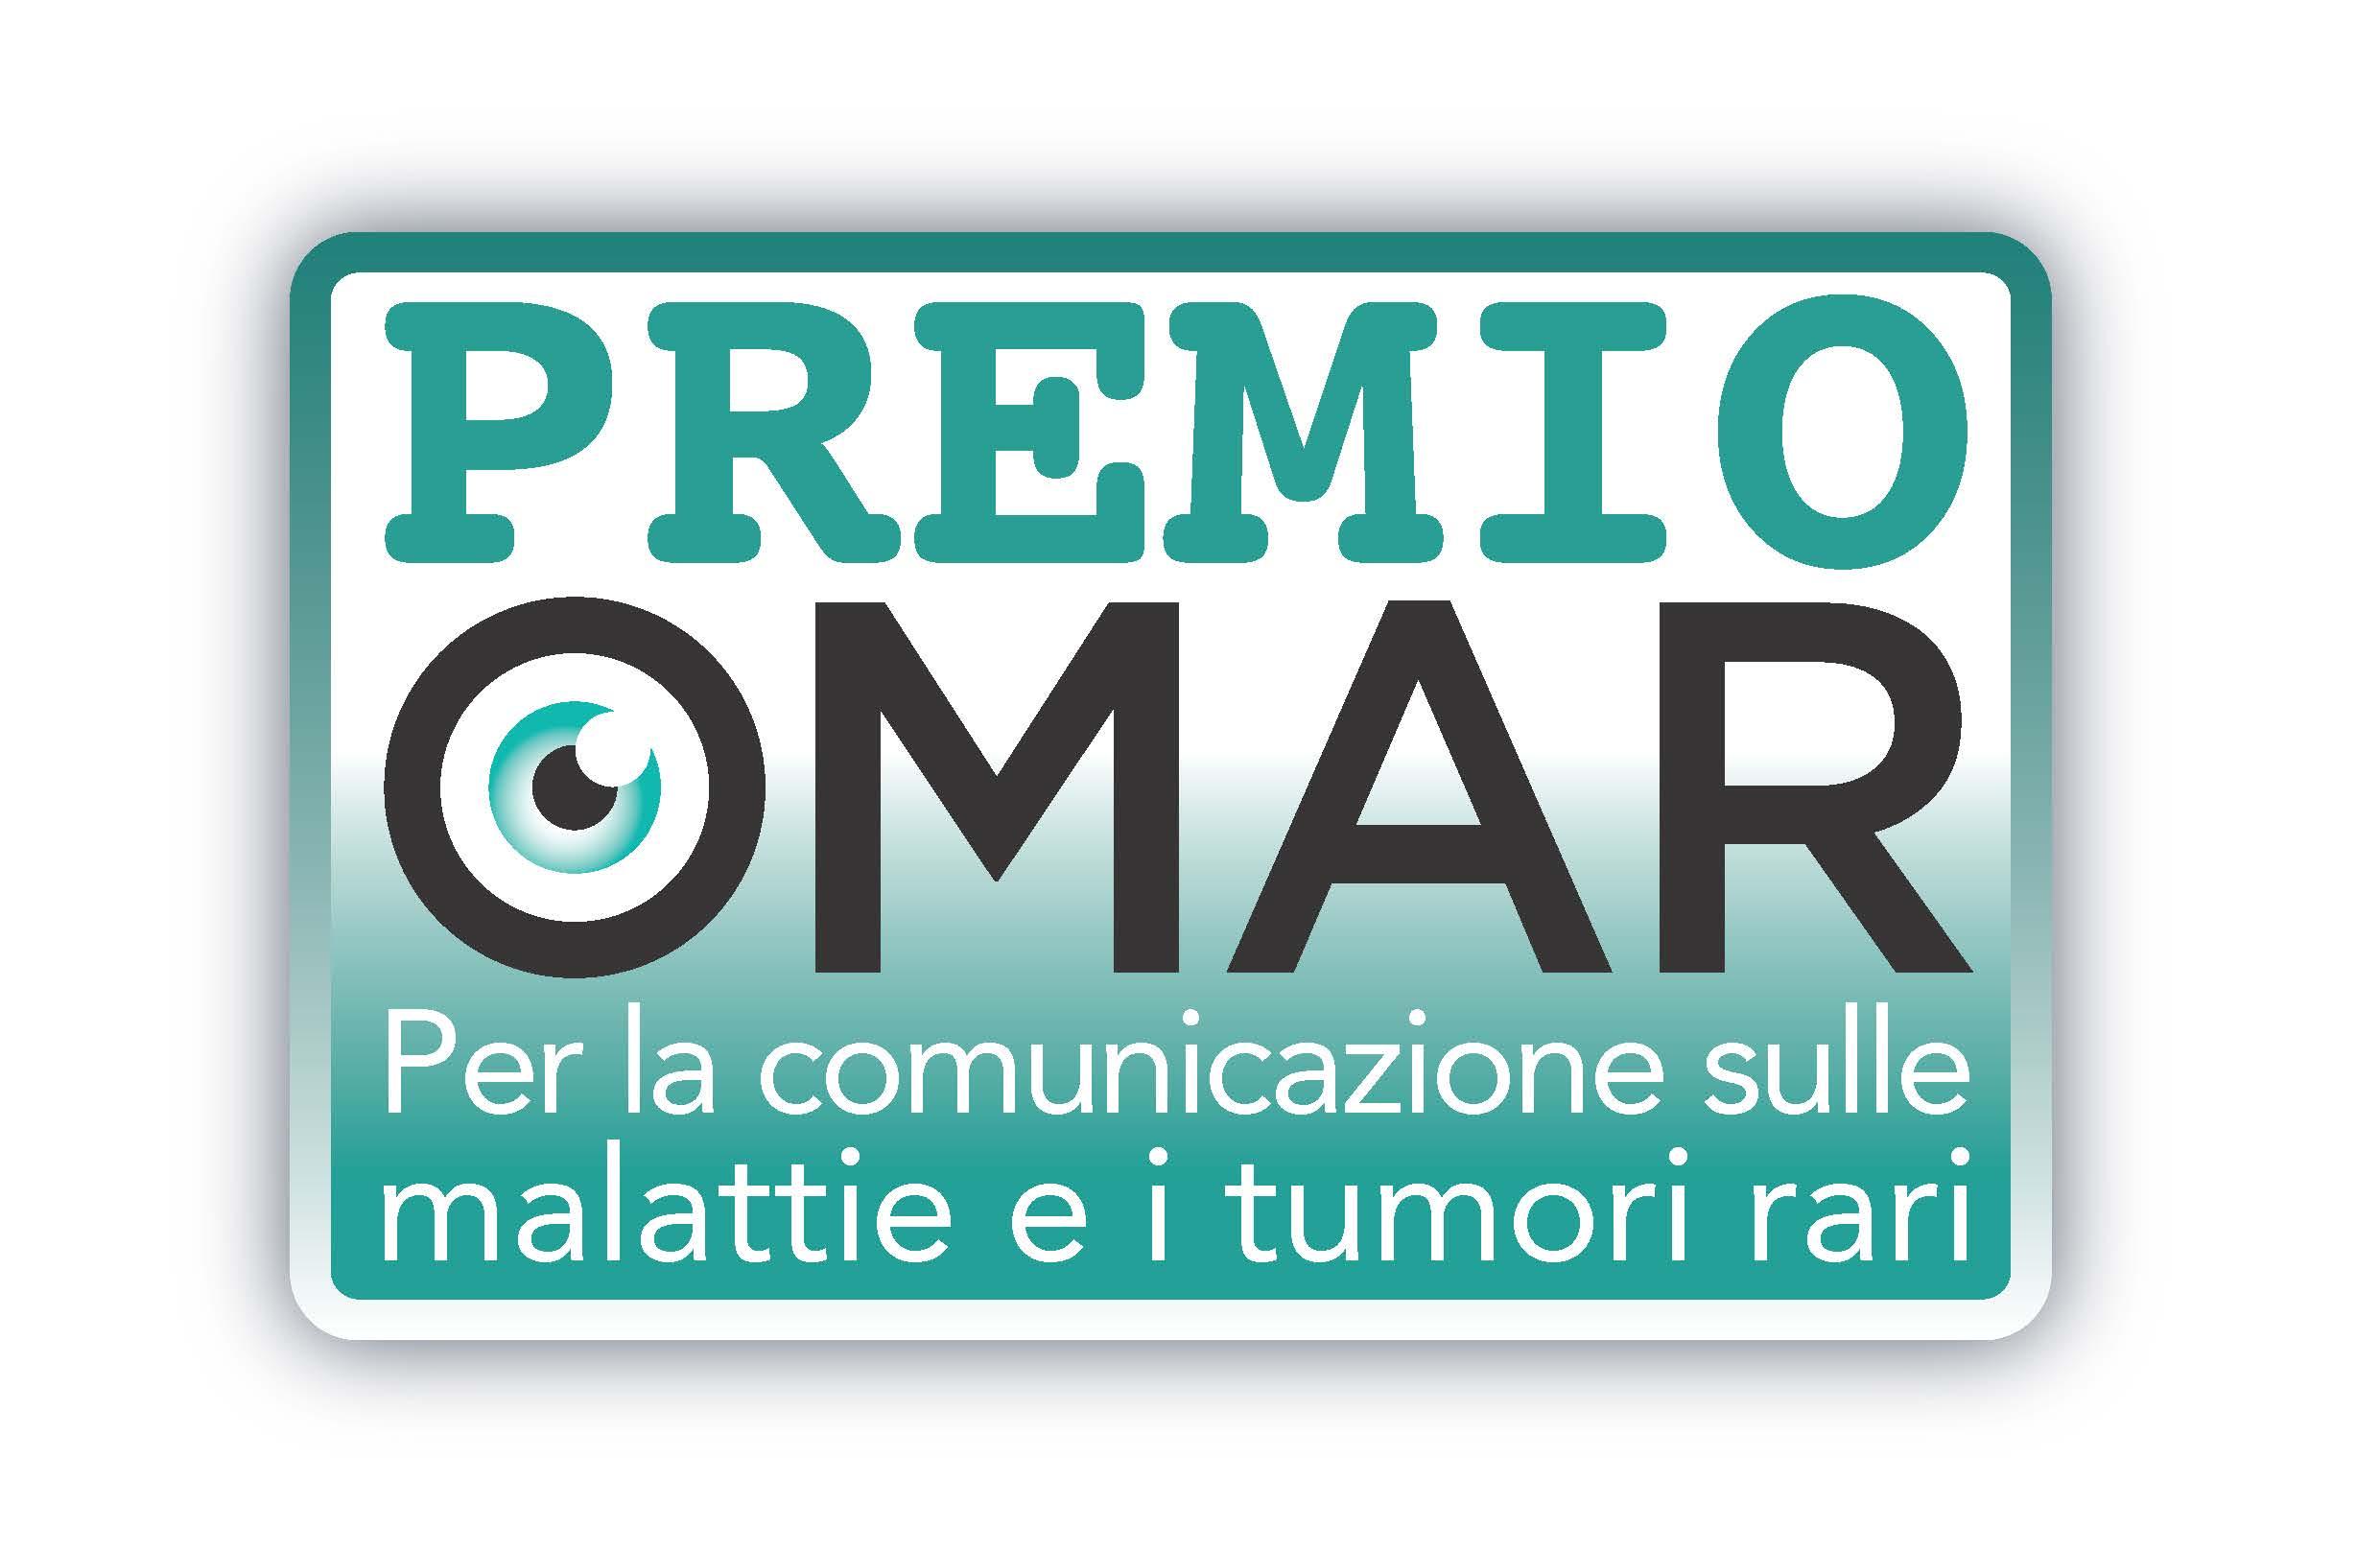 Cerimonia di premiazione della VI edizione del Premio Omar - 28 Febbraio 2019 - ore 16.30 - Auditorium dell'Ara Pacis - Via di Ripetta, 190 - Roma